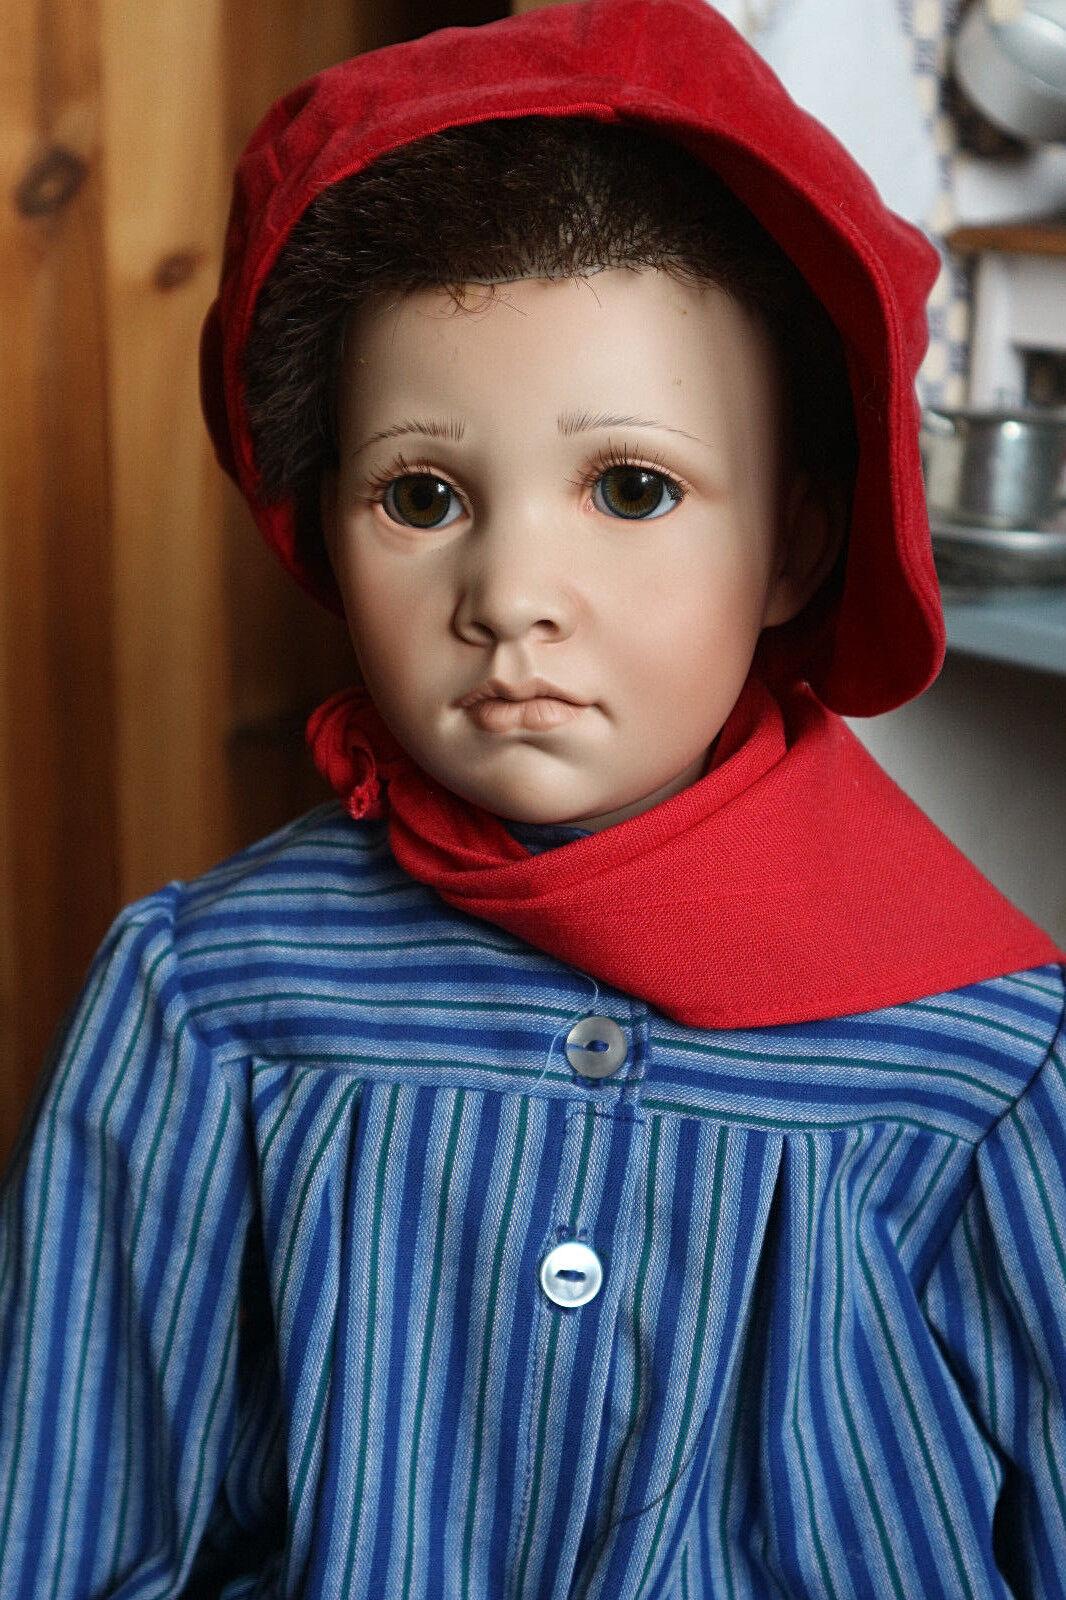 Sven de John nissen 66 cm de porcelana-genial pintado llevaría mucho vestida, resolución